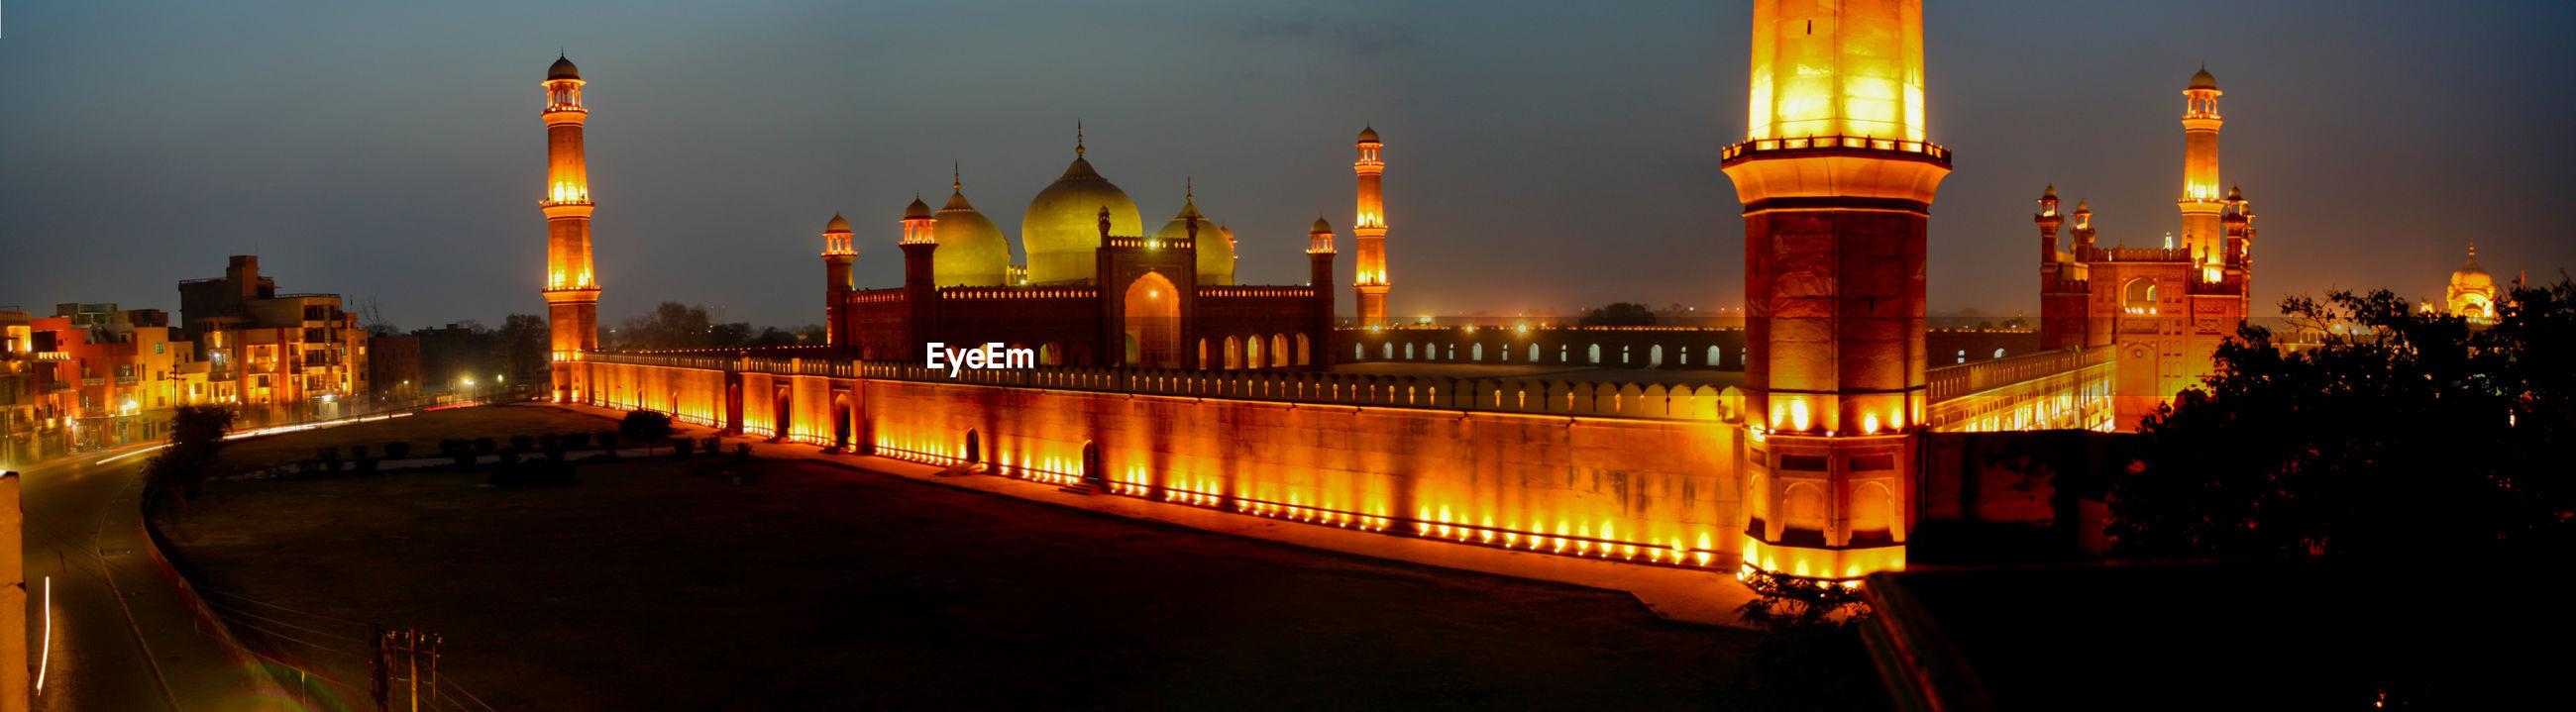 Illuminated badshahi mosque